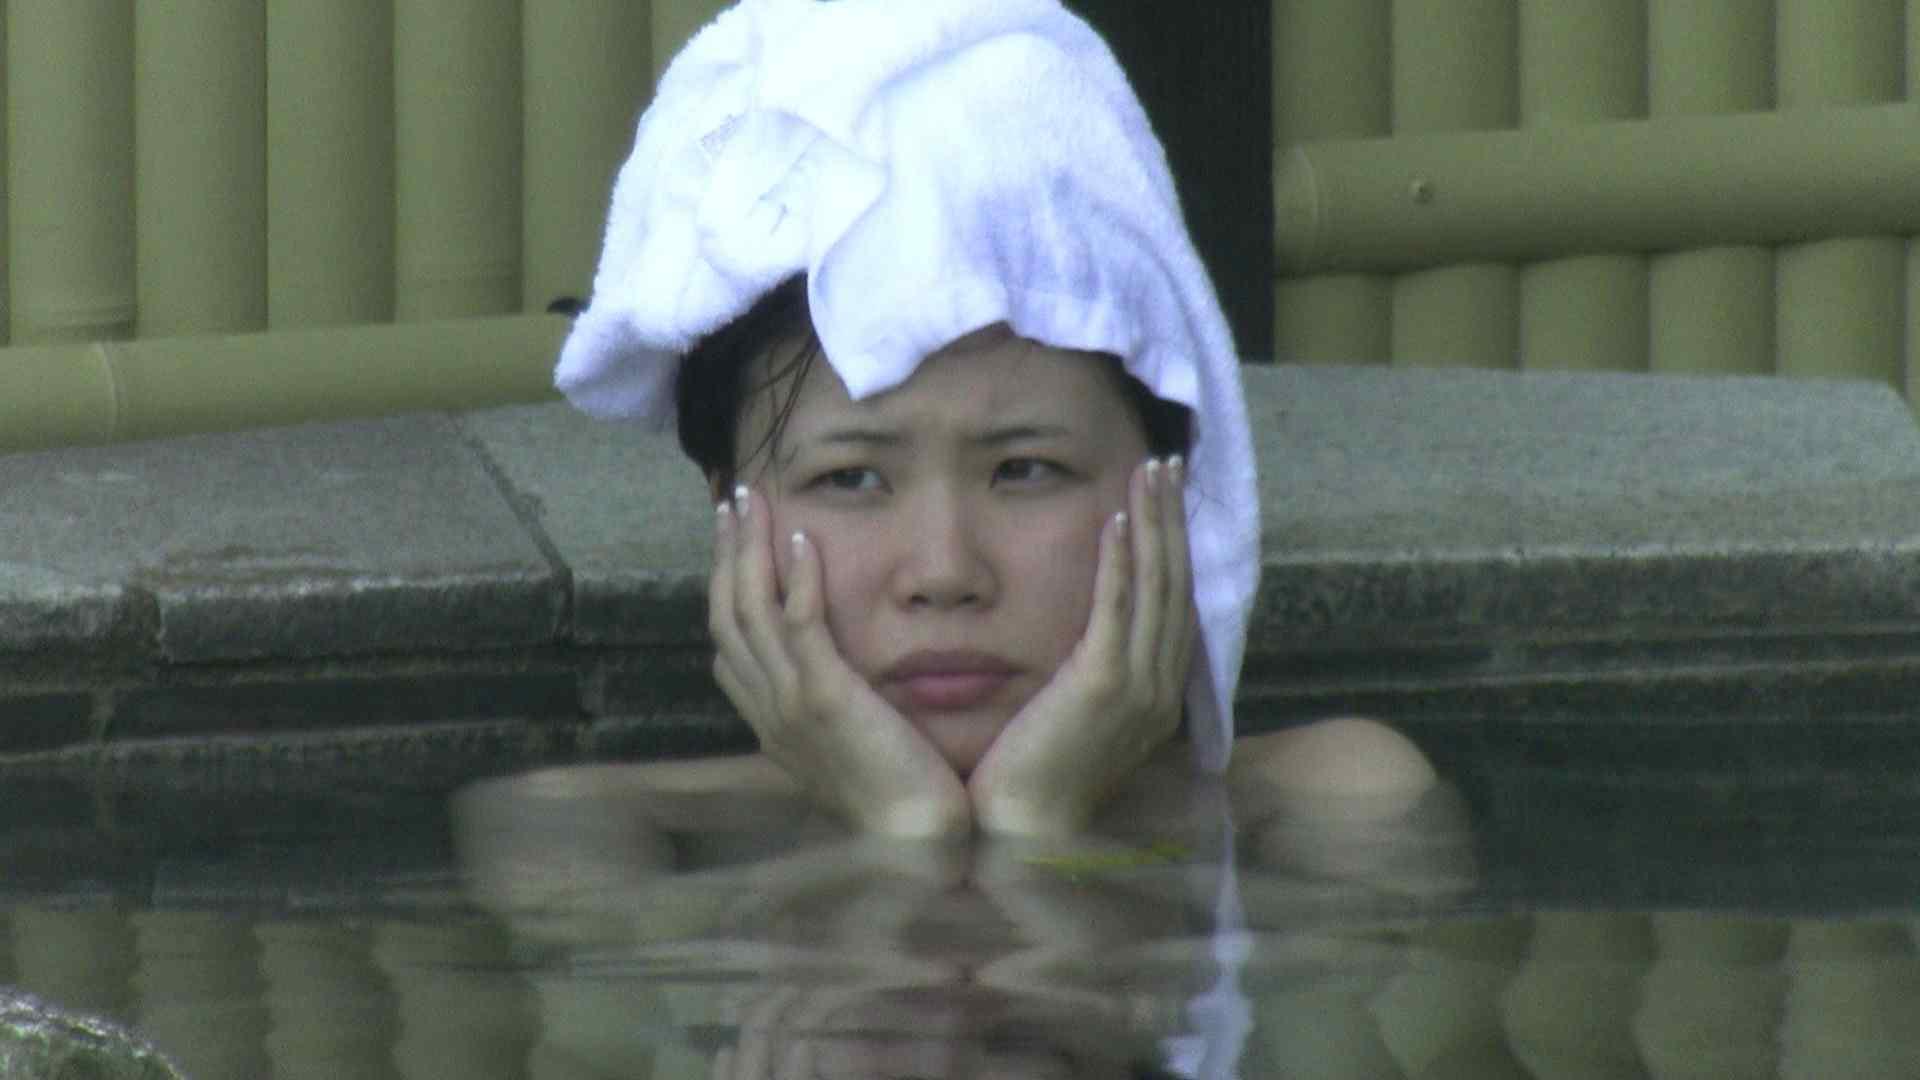 Aquaな露天風呂Vol.183 露天 オメコ動画キャプチャ 69画像 68